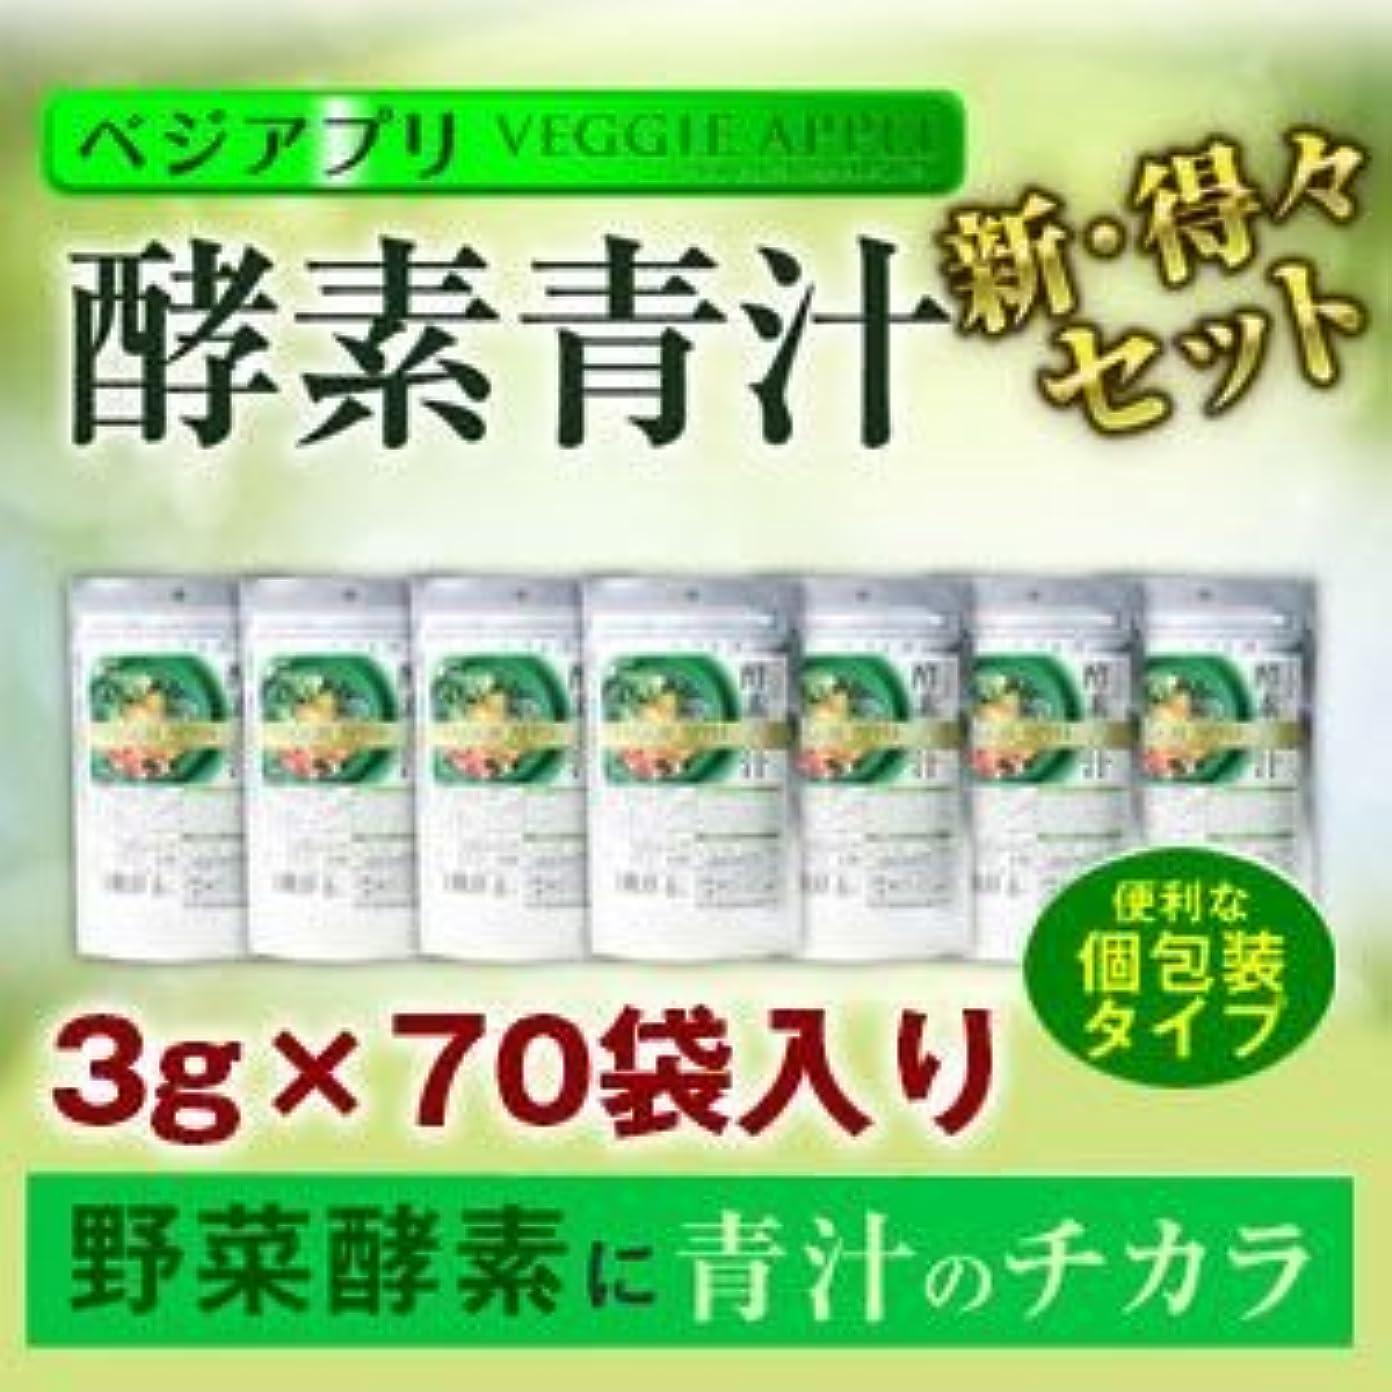 広まった悪魔便利ベジアプリ 酵素青汁 得々セット70袋入り(置き換えダイエット酵素ドリンク)